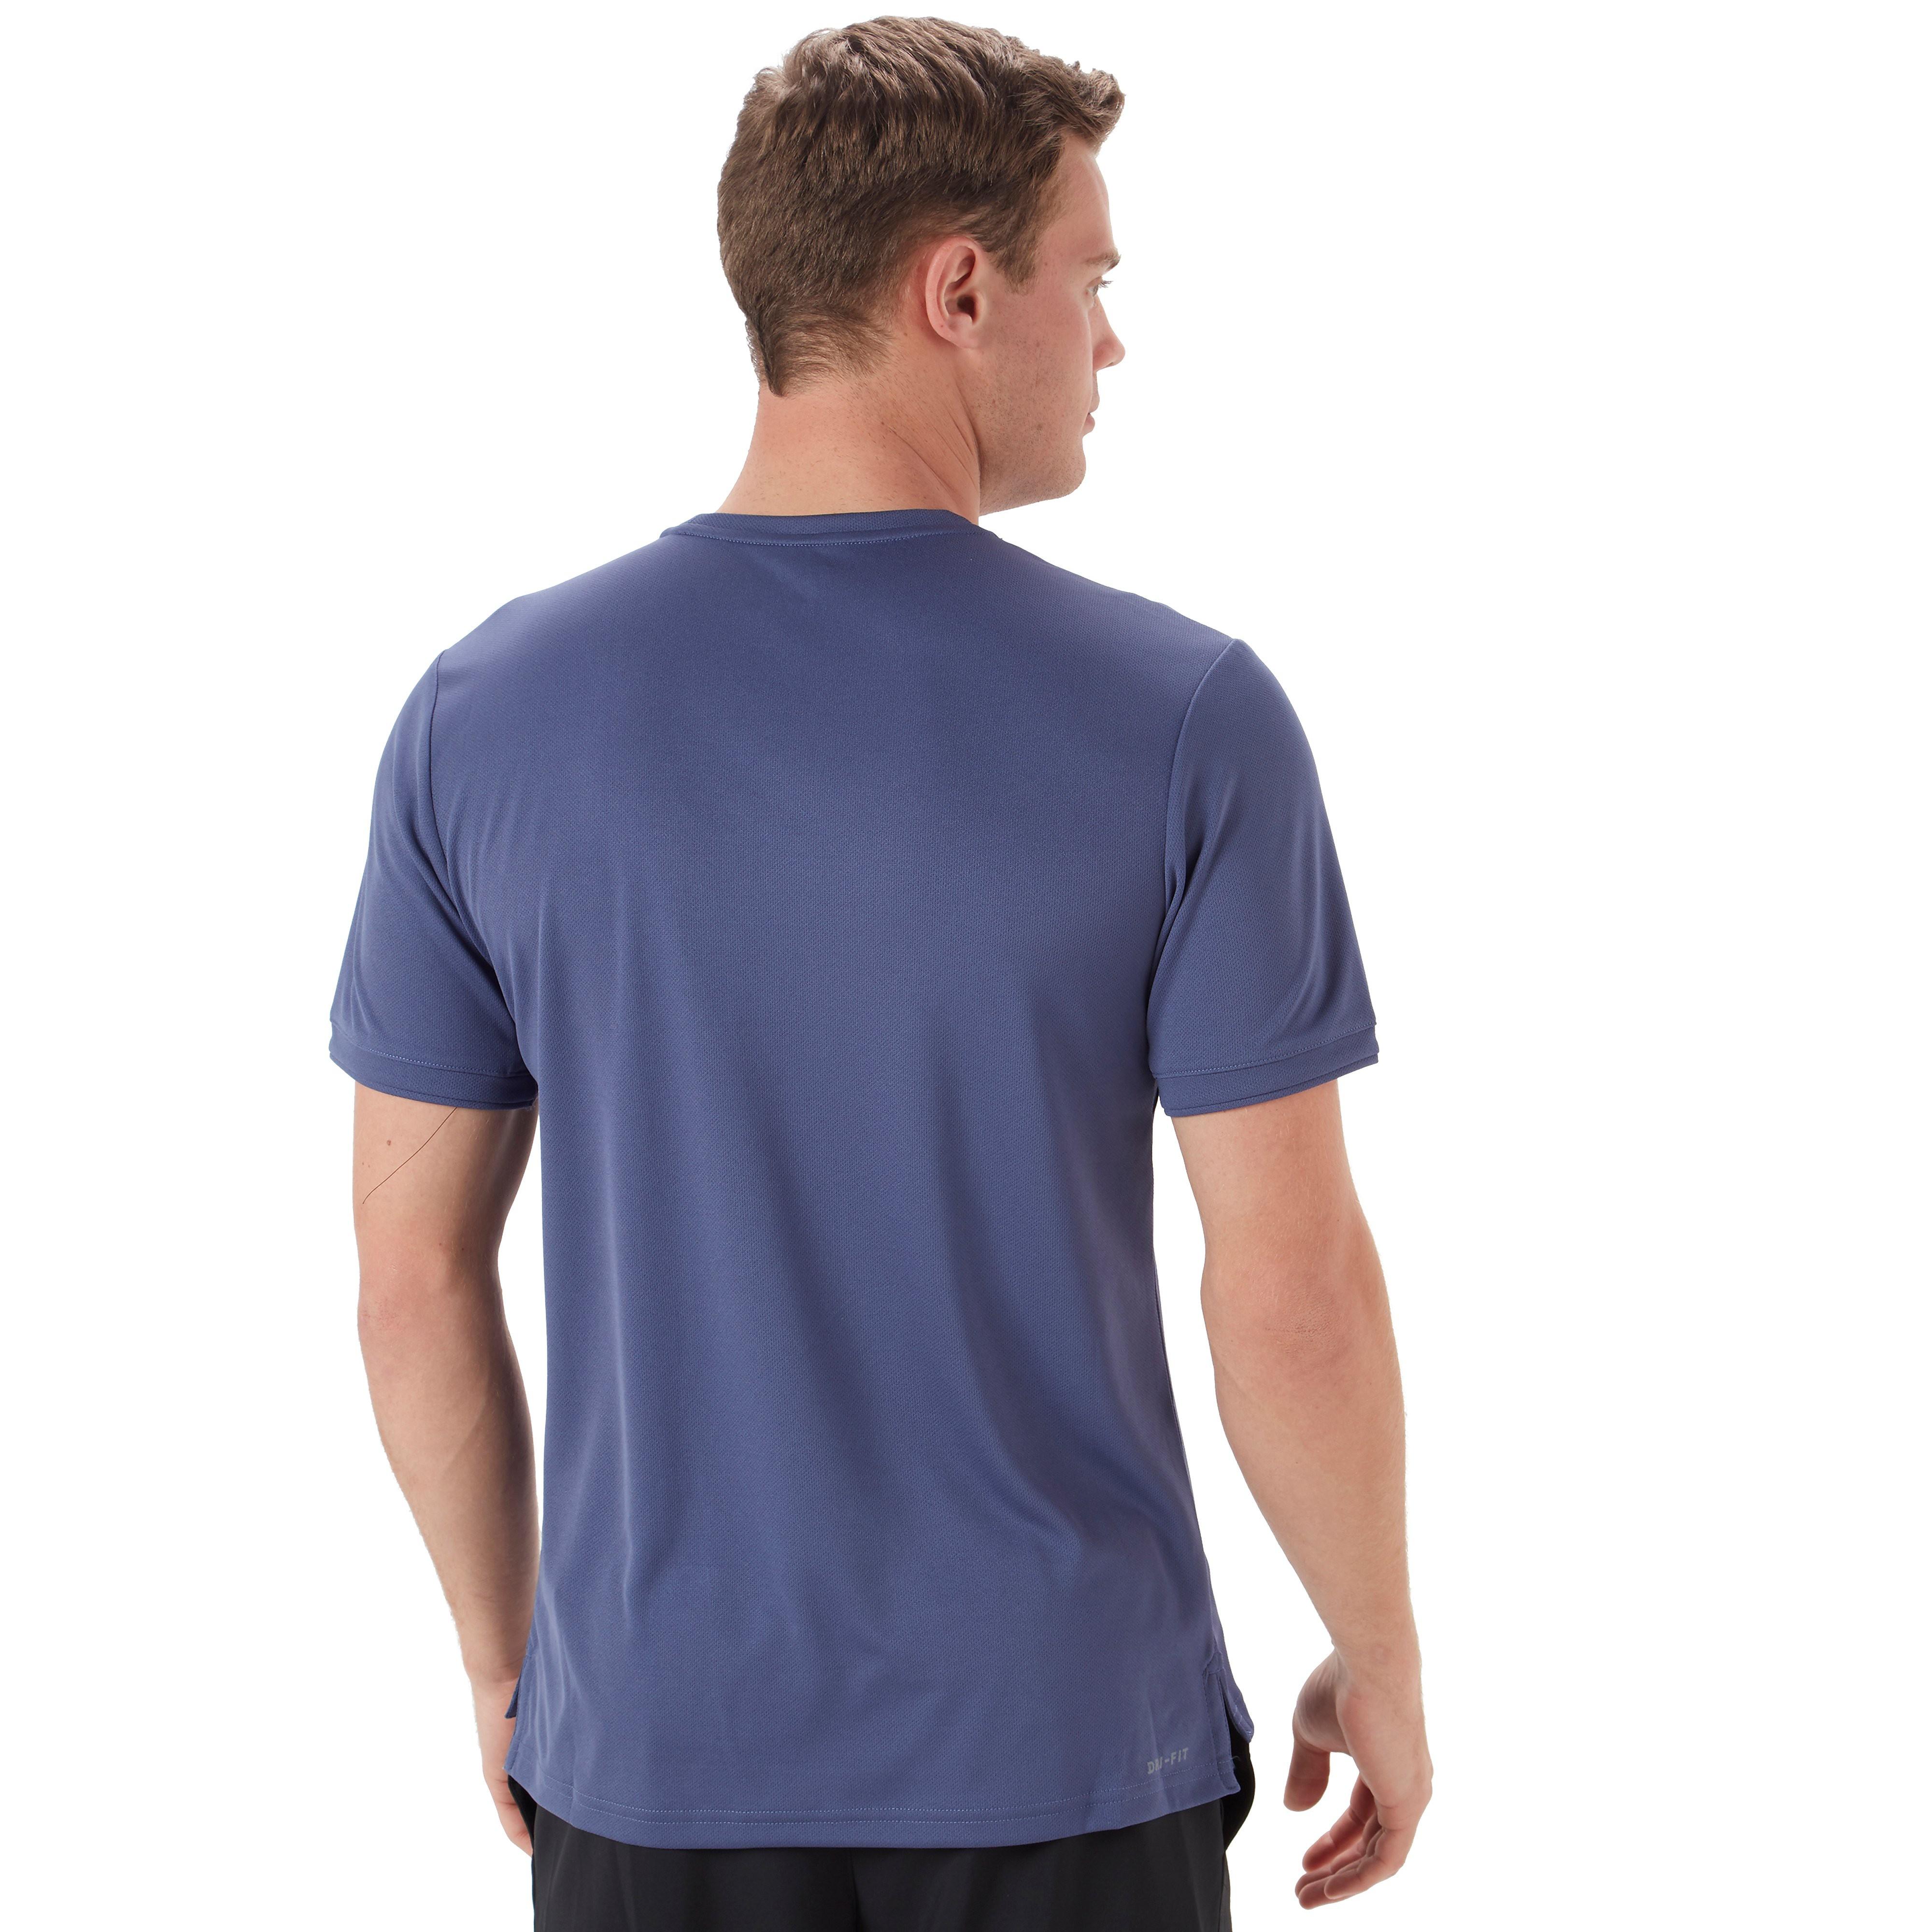 Nike Court Challenger Short Sleeve Men's Tennis T-Shirt